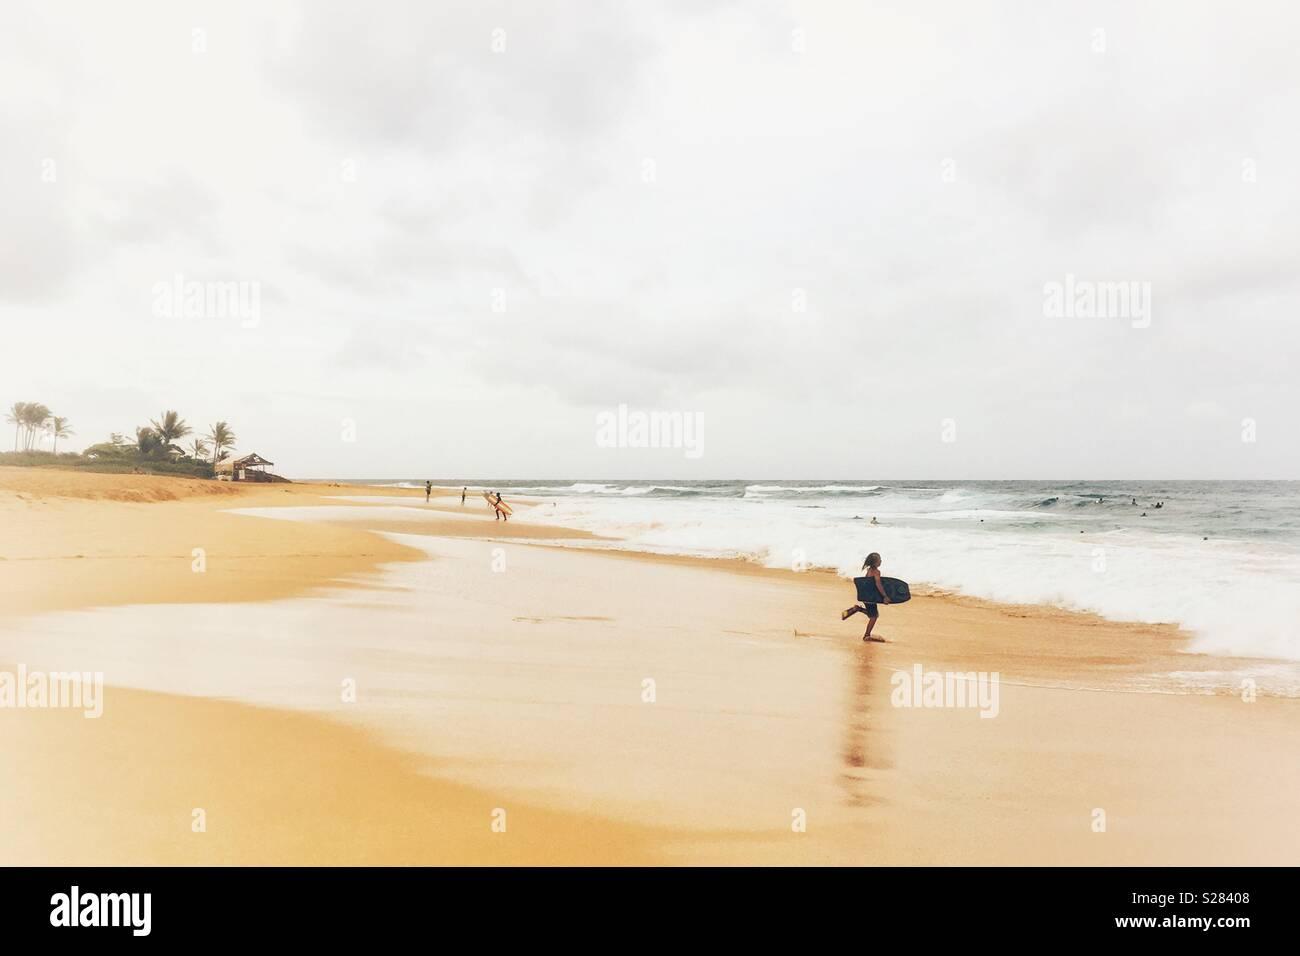 Un boogie boarder homme portant des nageoires courtes fonctionnant sur une plage dans l'océan. L'espace pour copier. Photo Stock